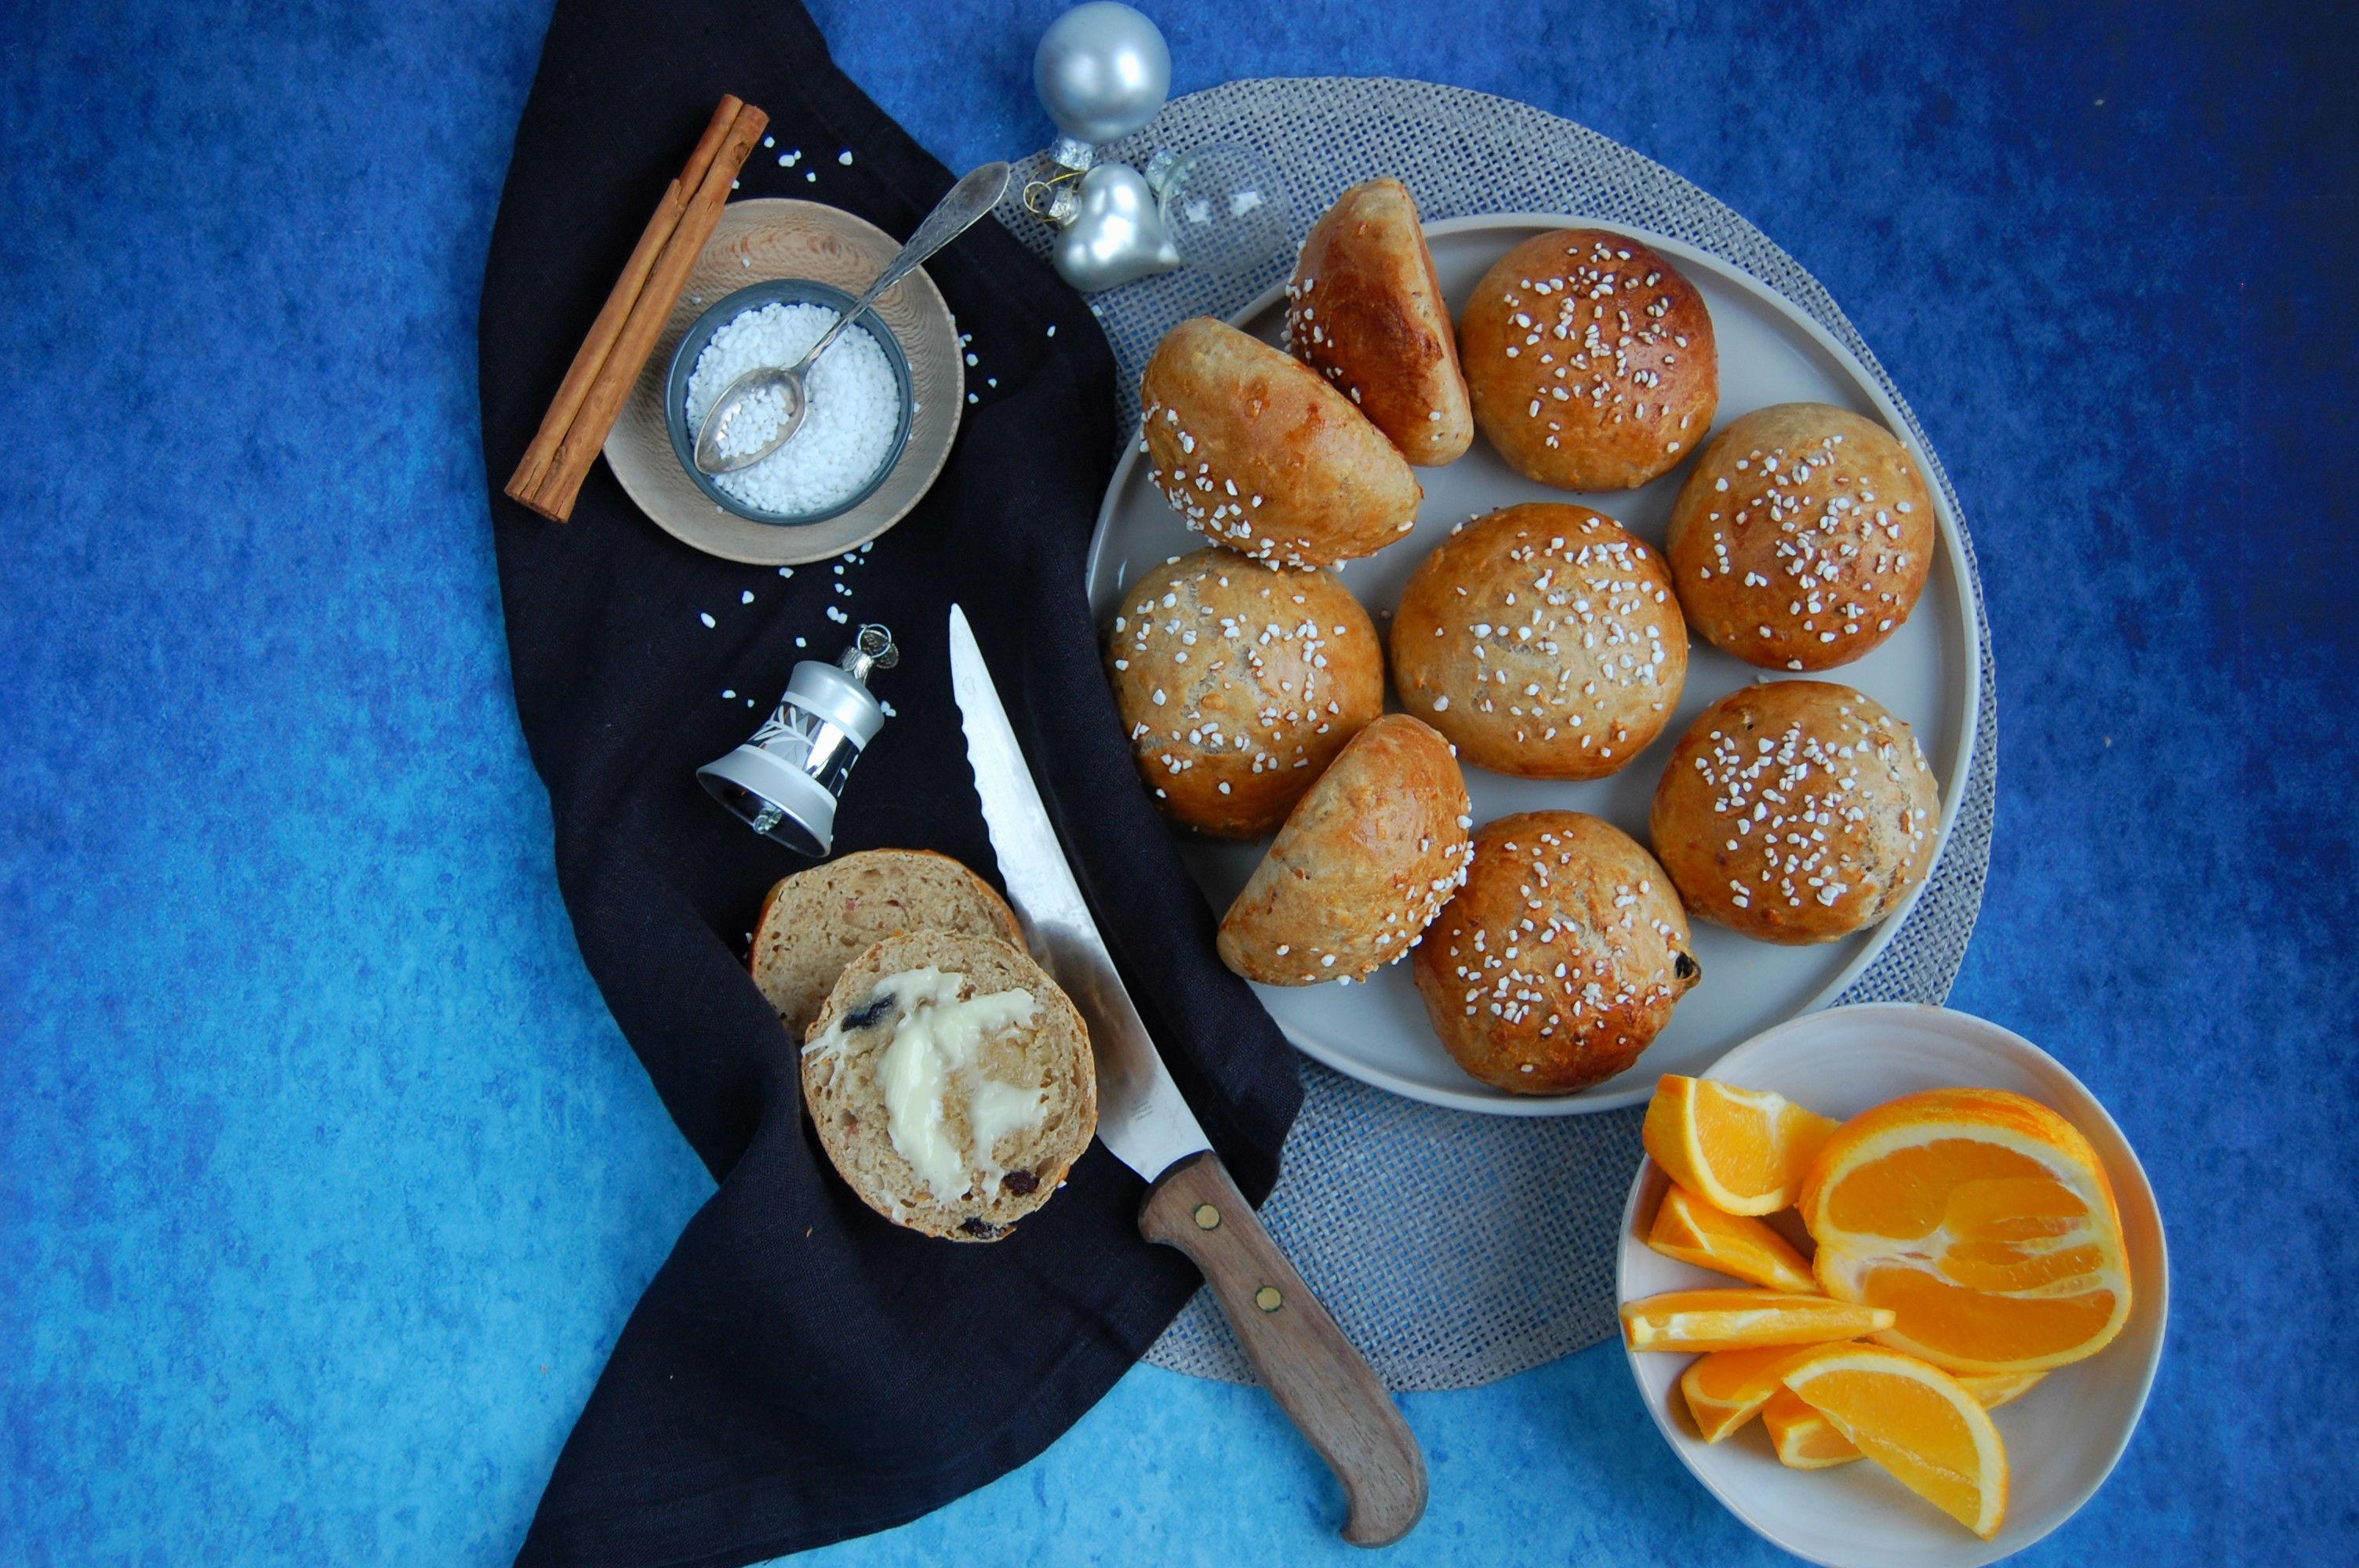 Juleboller med æble, appelsin, kanel, varme krydderier